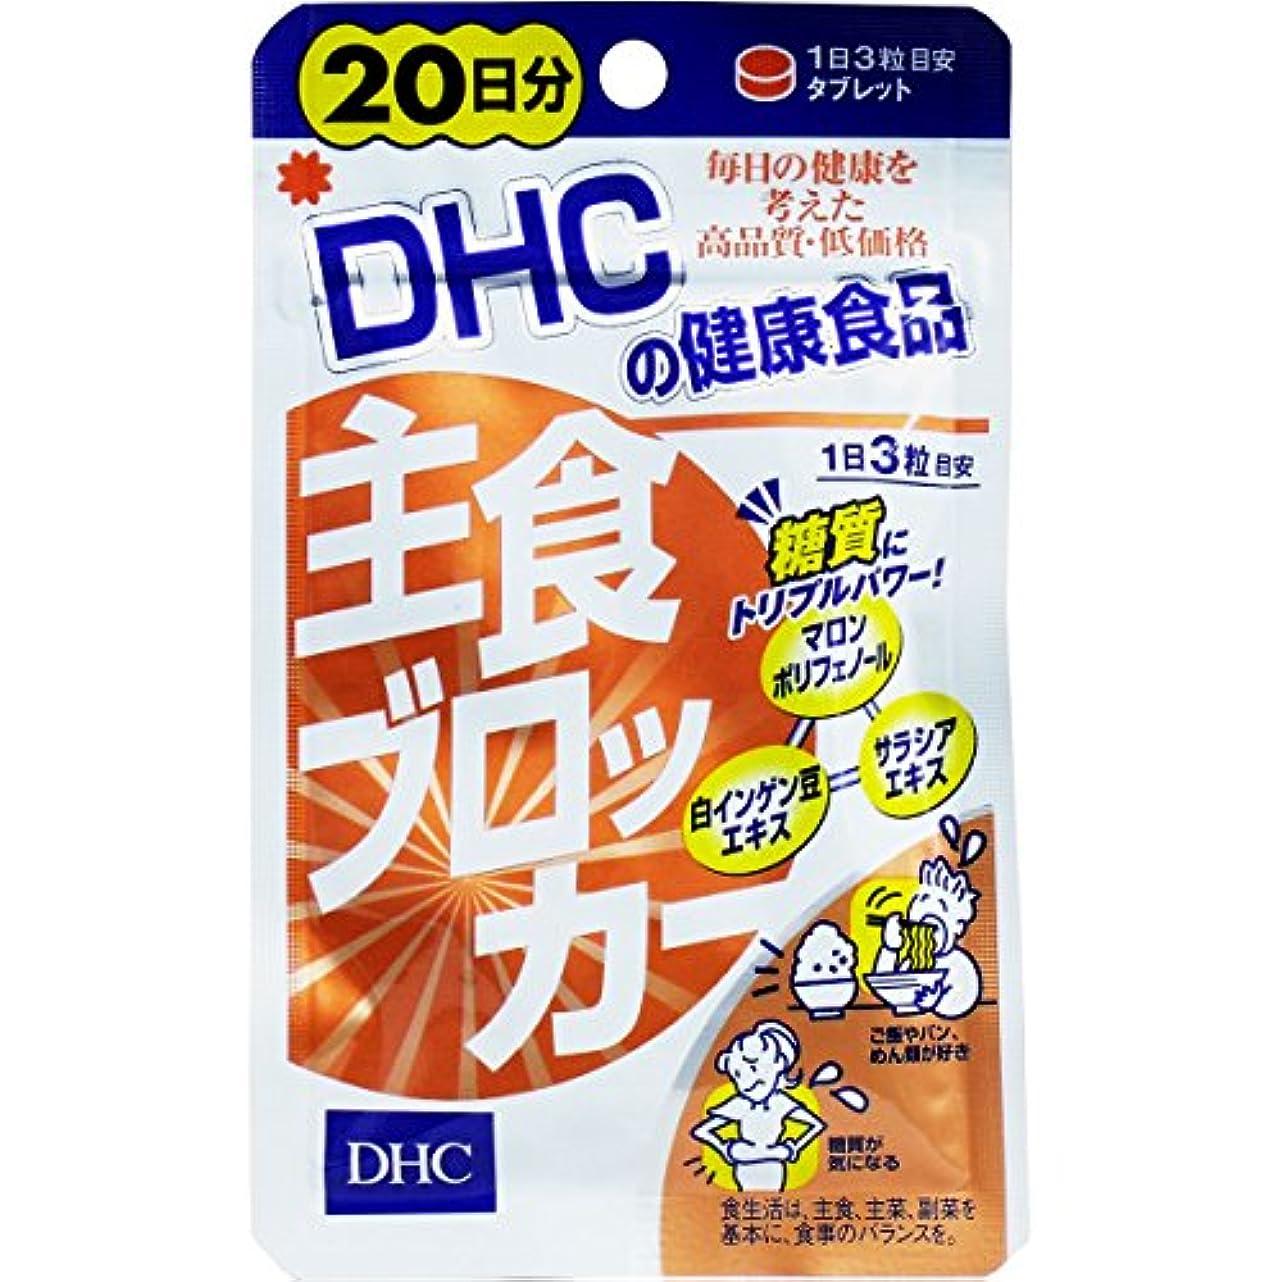 階下肉腫スナッチダイエット トリプルパワーでため込み対策 栄養機能食品 DHC 主食ブロッカー 20日分 60粒入【2個セット】